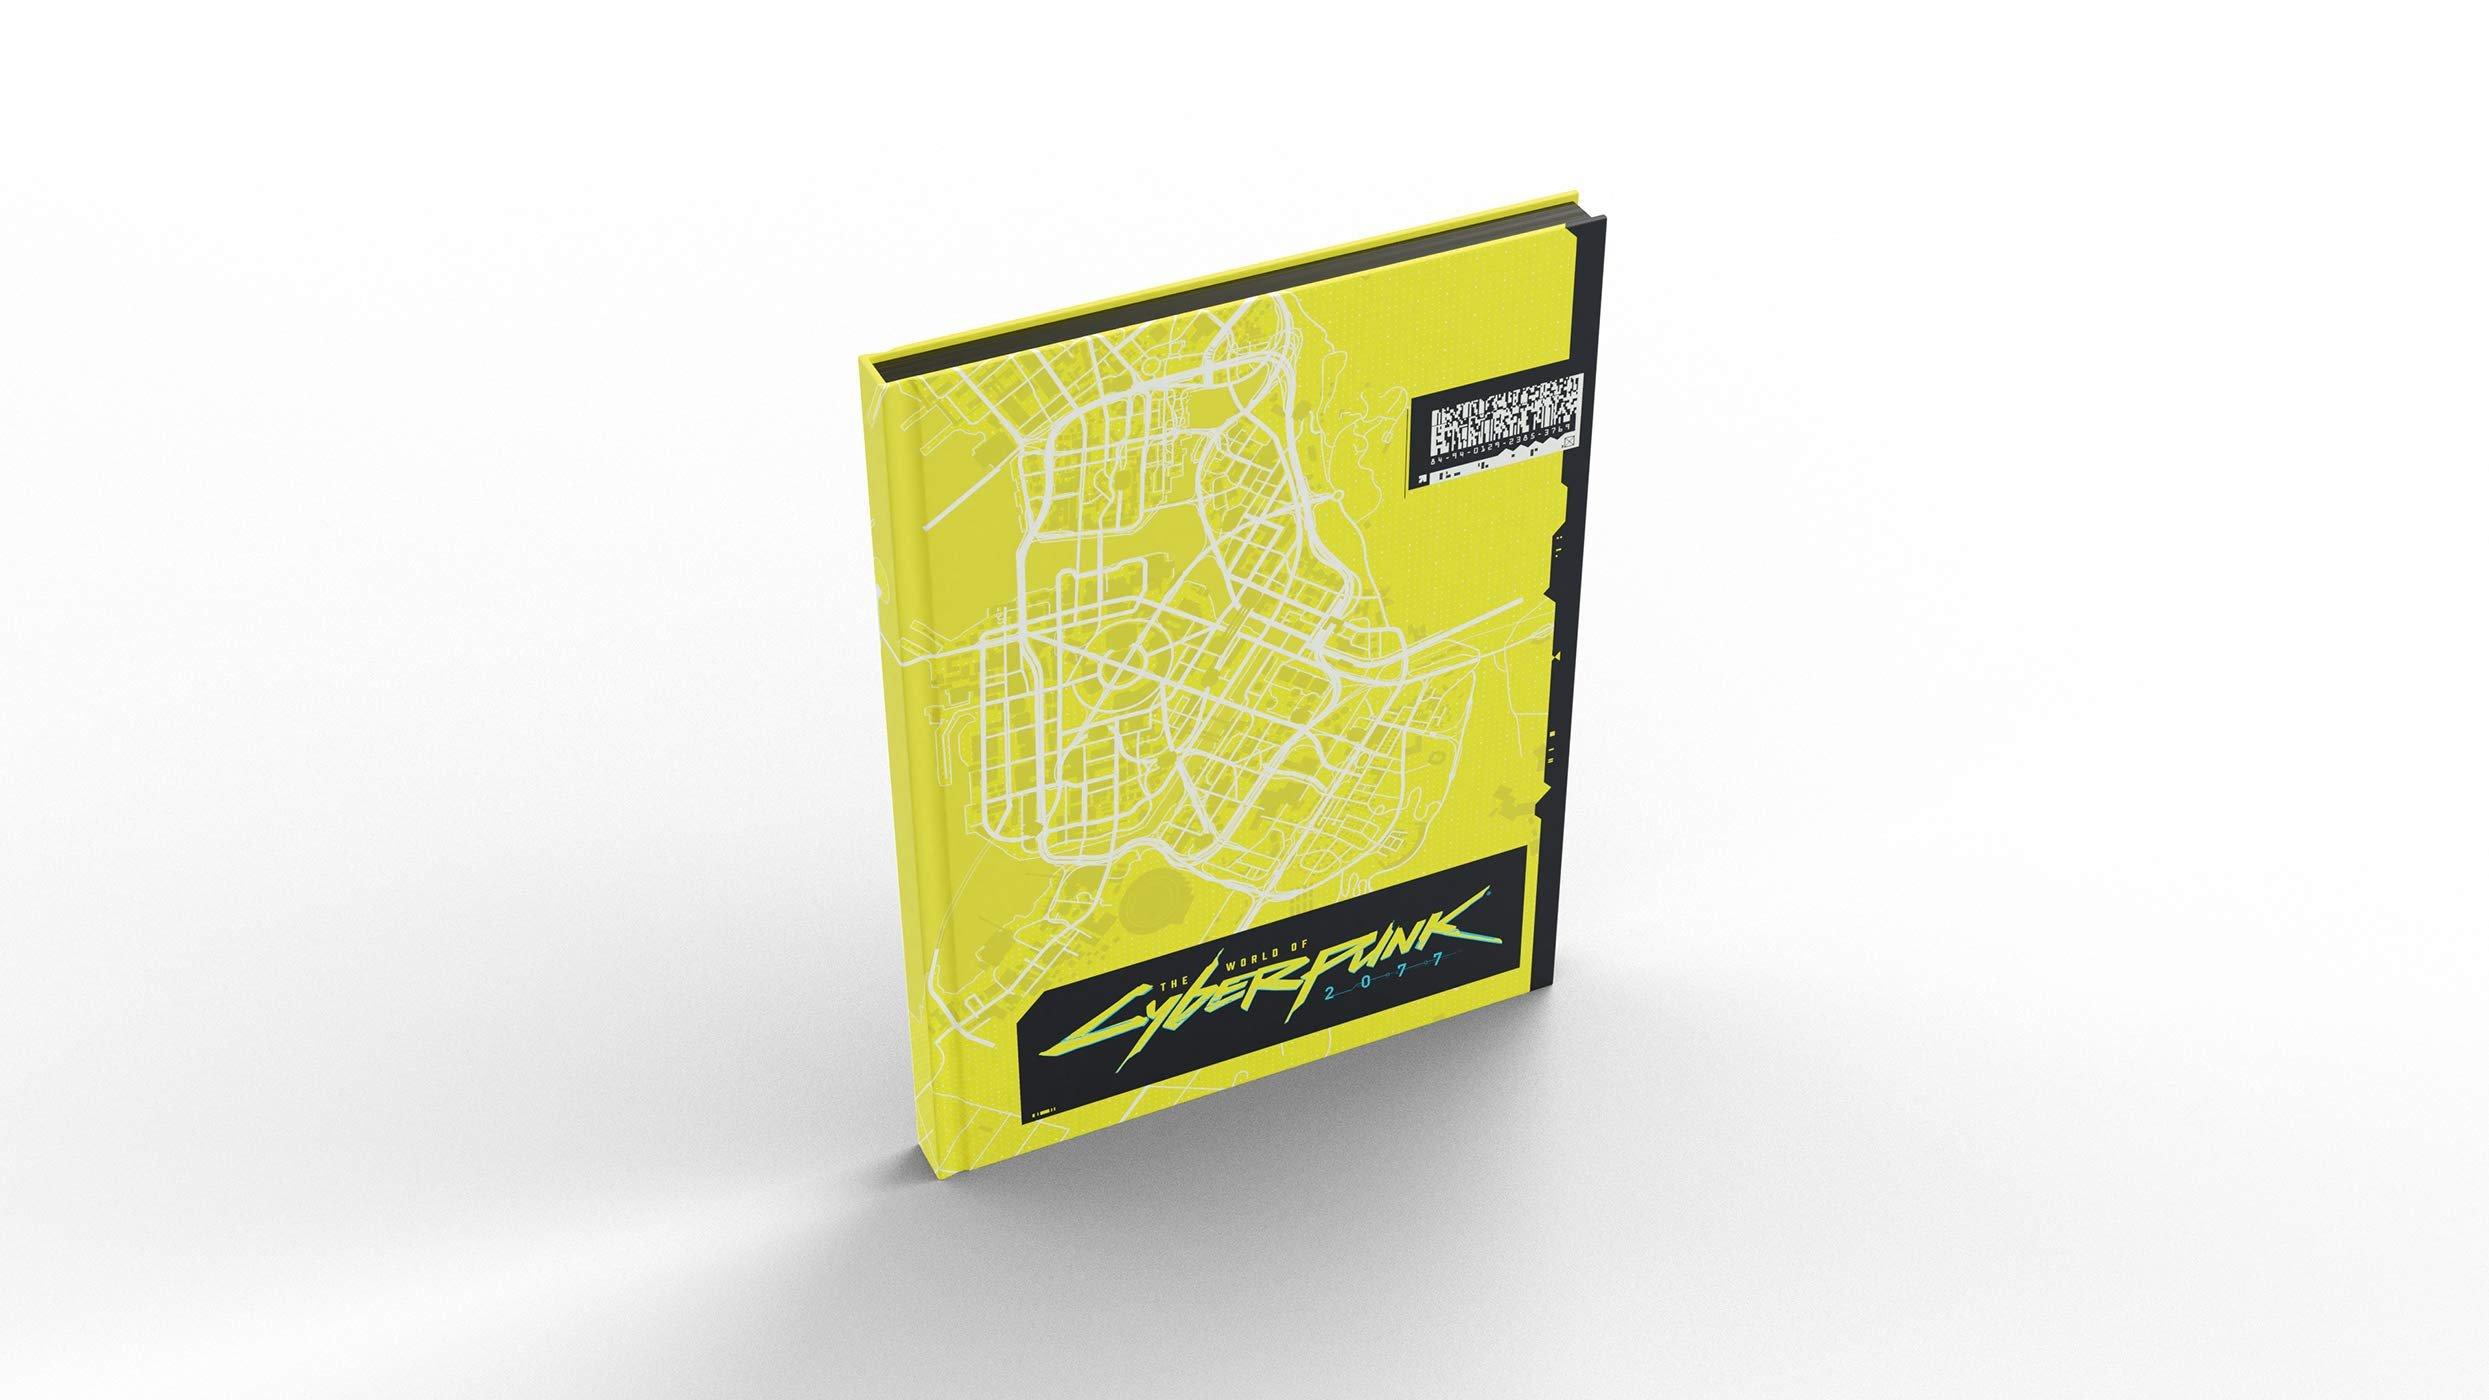 Edição especial de livro de Cyberpunk 2077 trará mapa de Night City 6